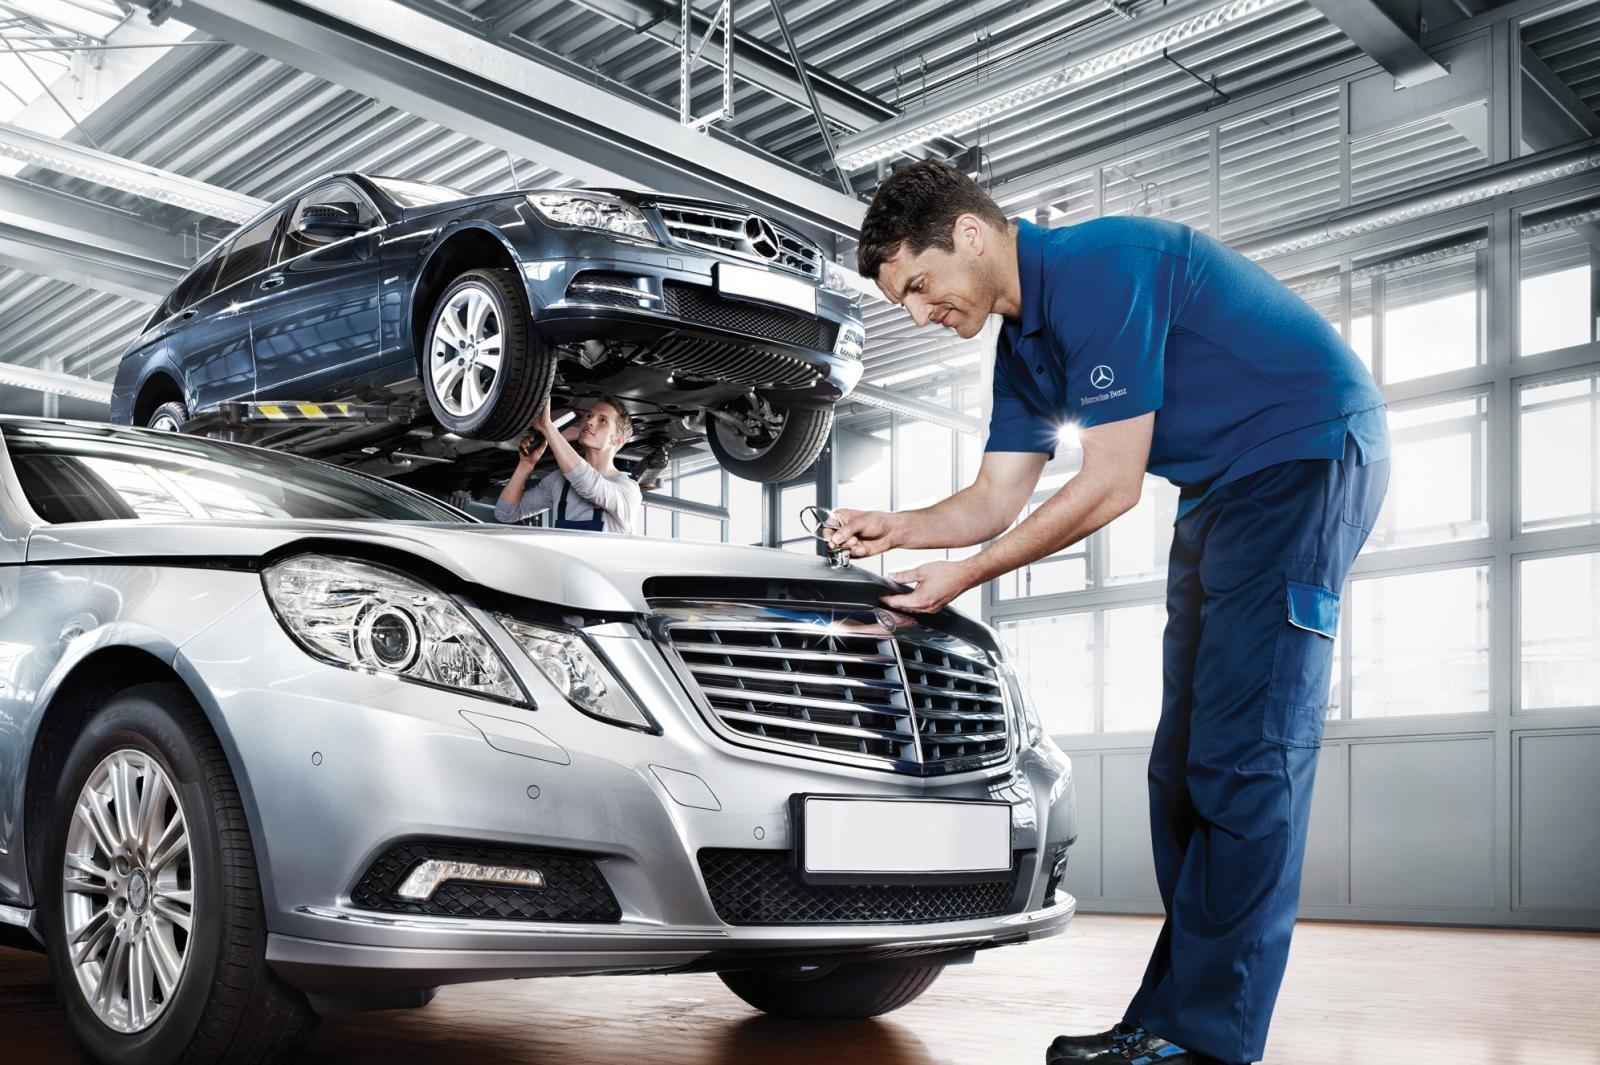 Kiểm tra và bảo dưỡng xe ô tô trước khi đưa đi đăng kiểm.